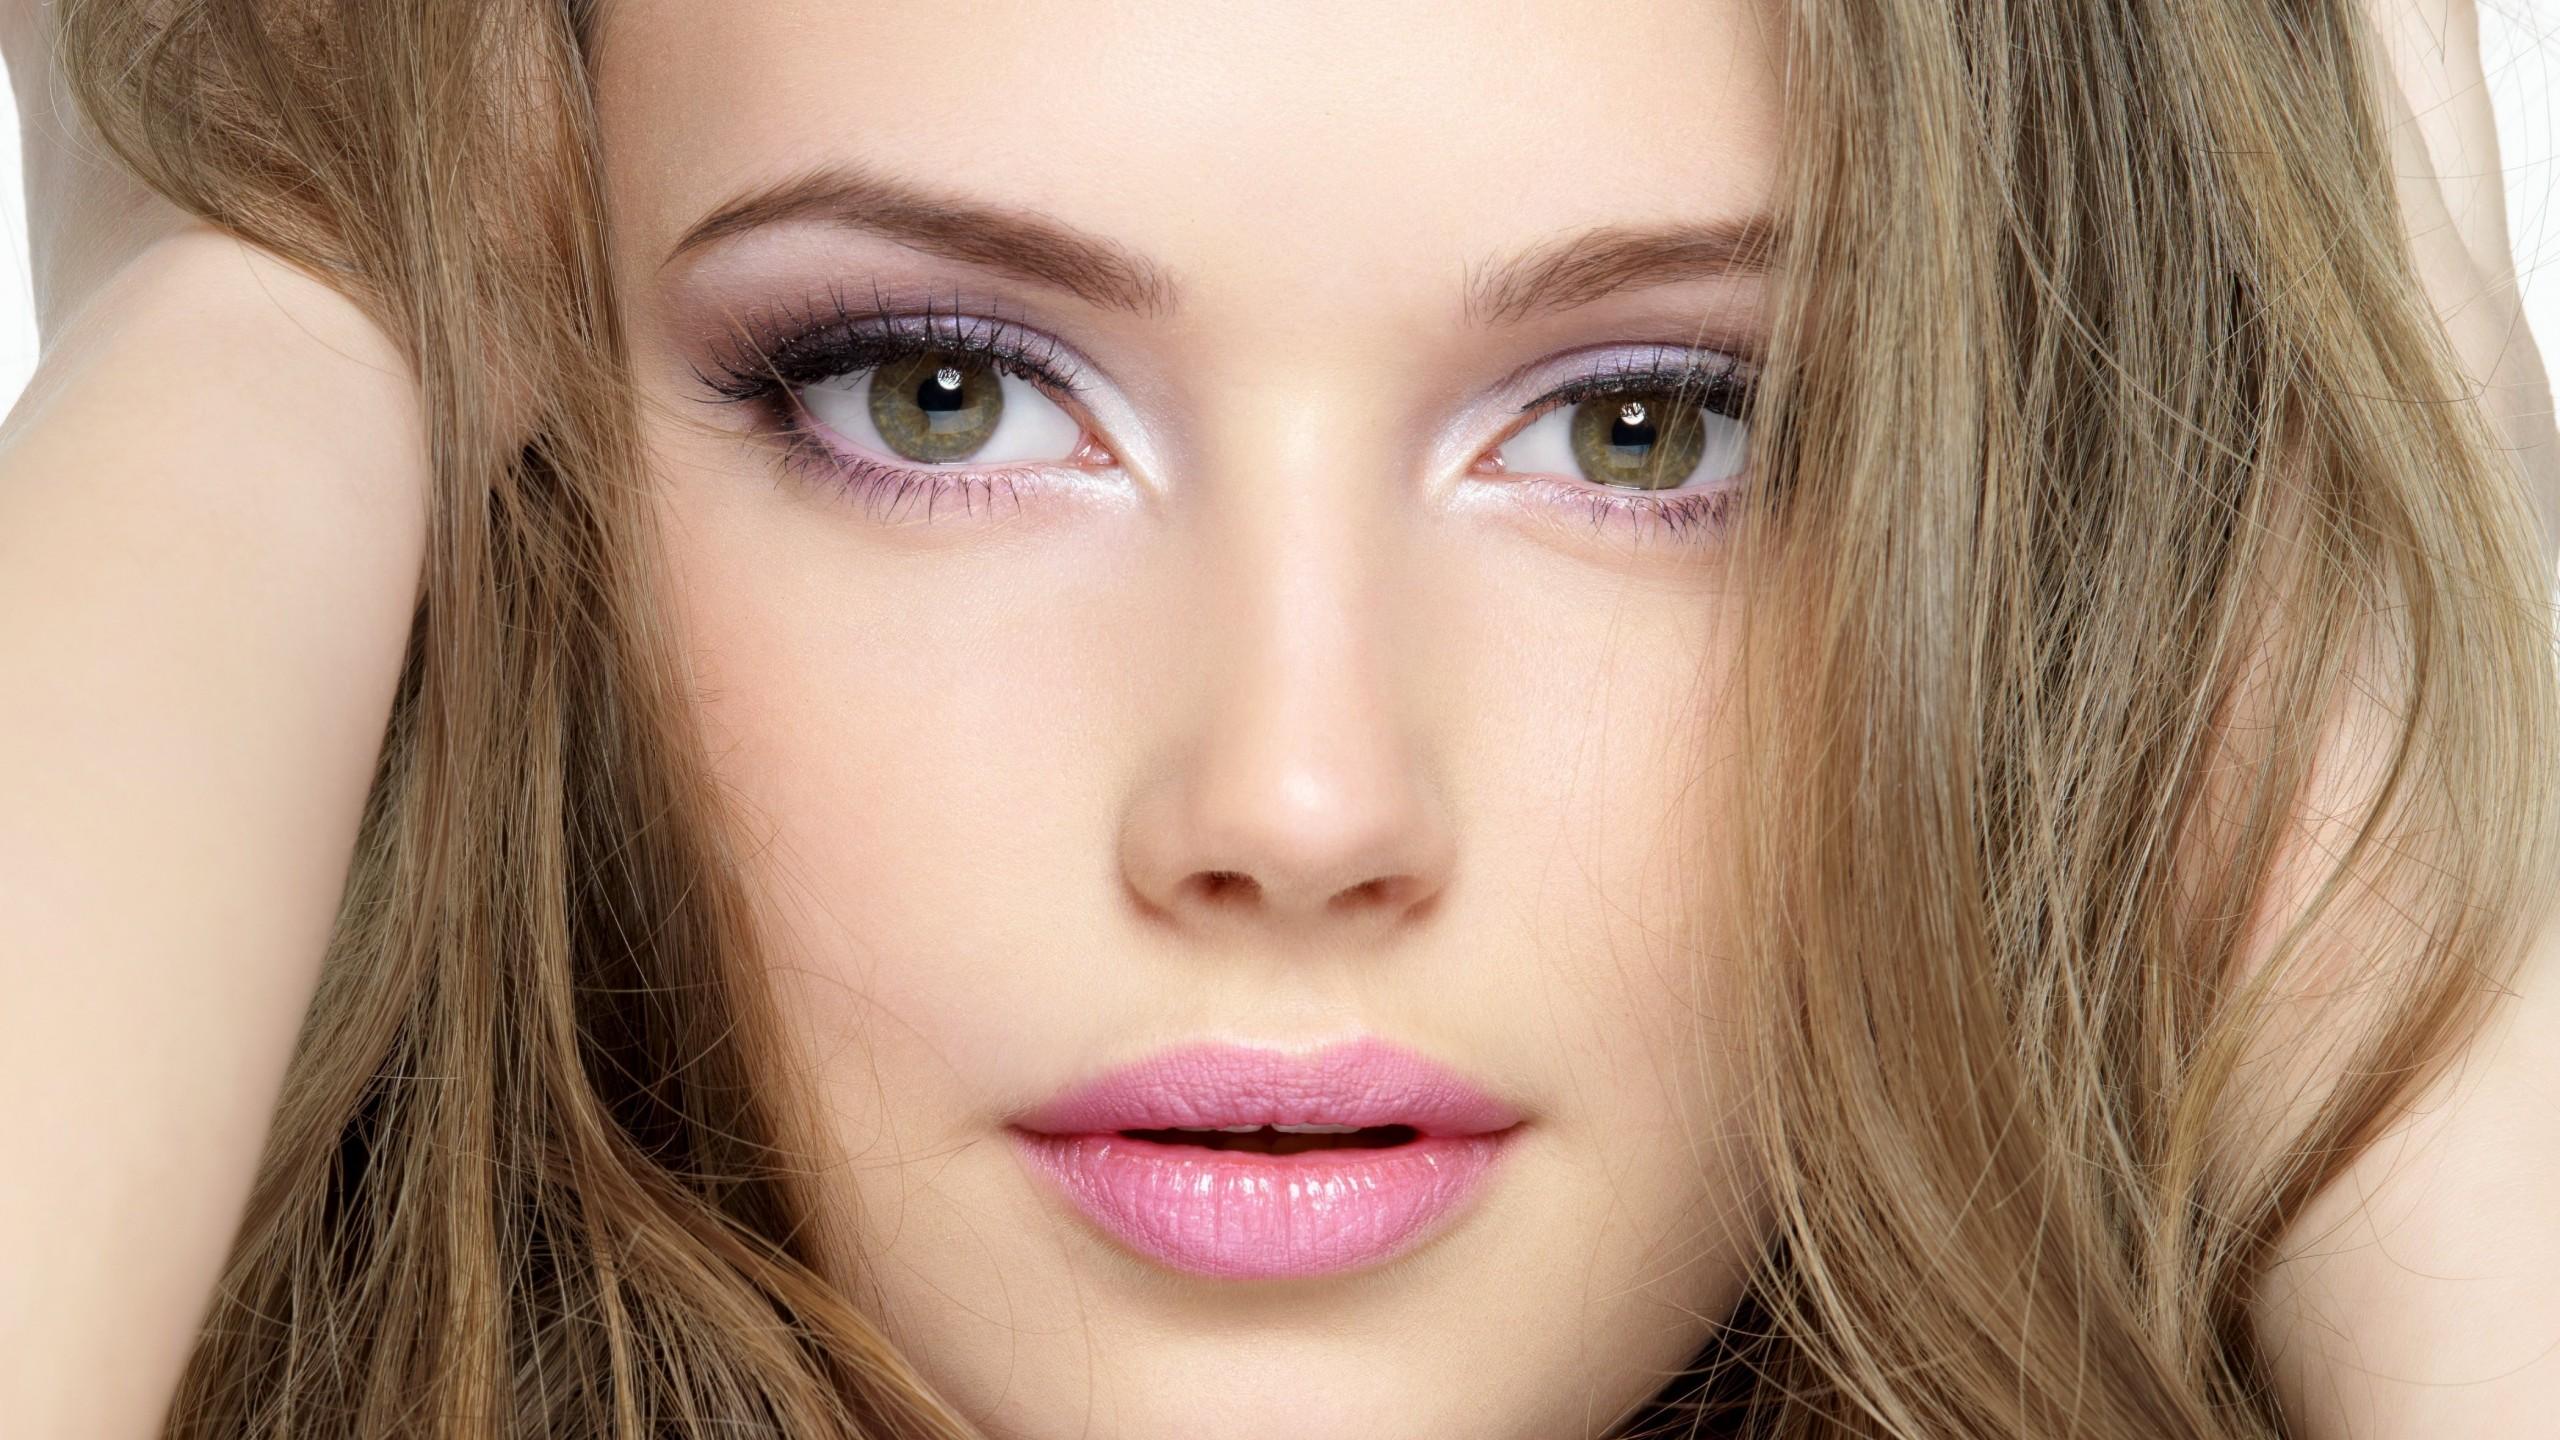 Шик, блеск, красота: главные нюансы роскошного летнего макияжа